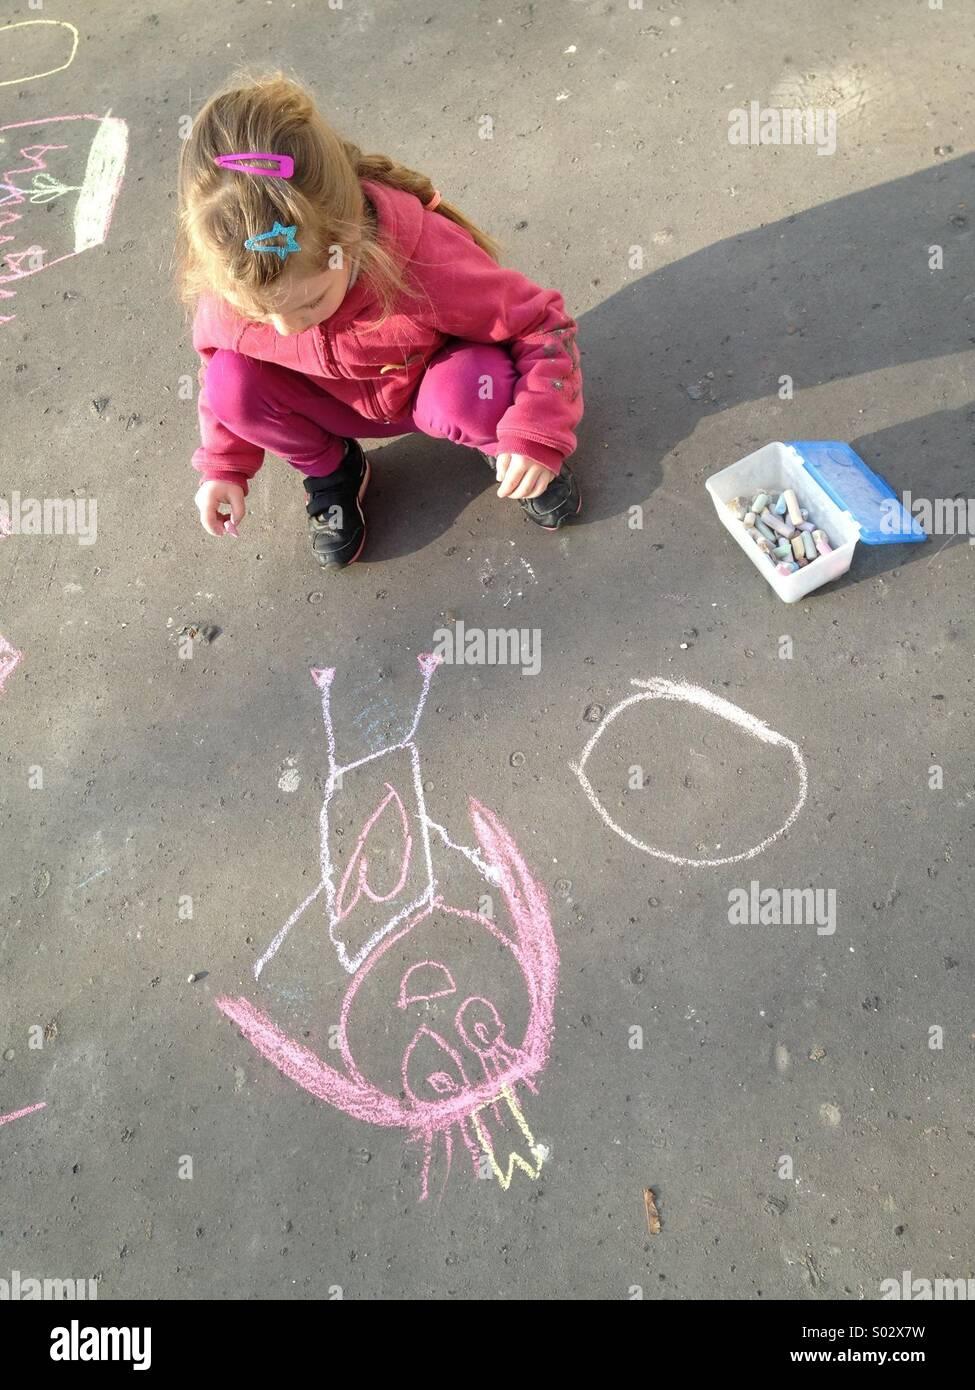 Bambina disegno con gesso su asfalto Immagini Stock